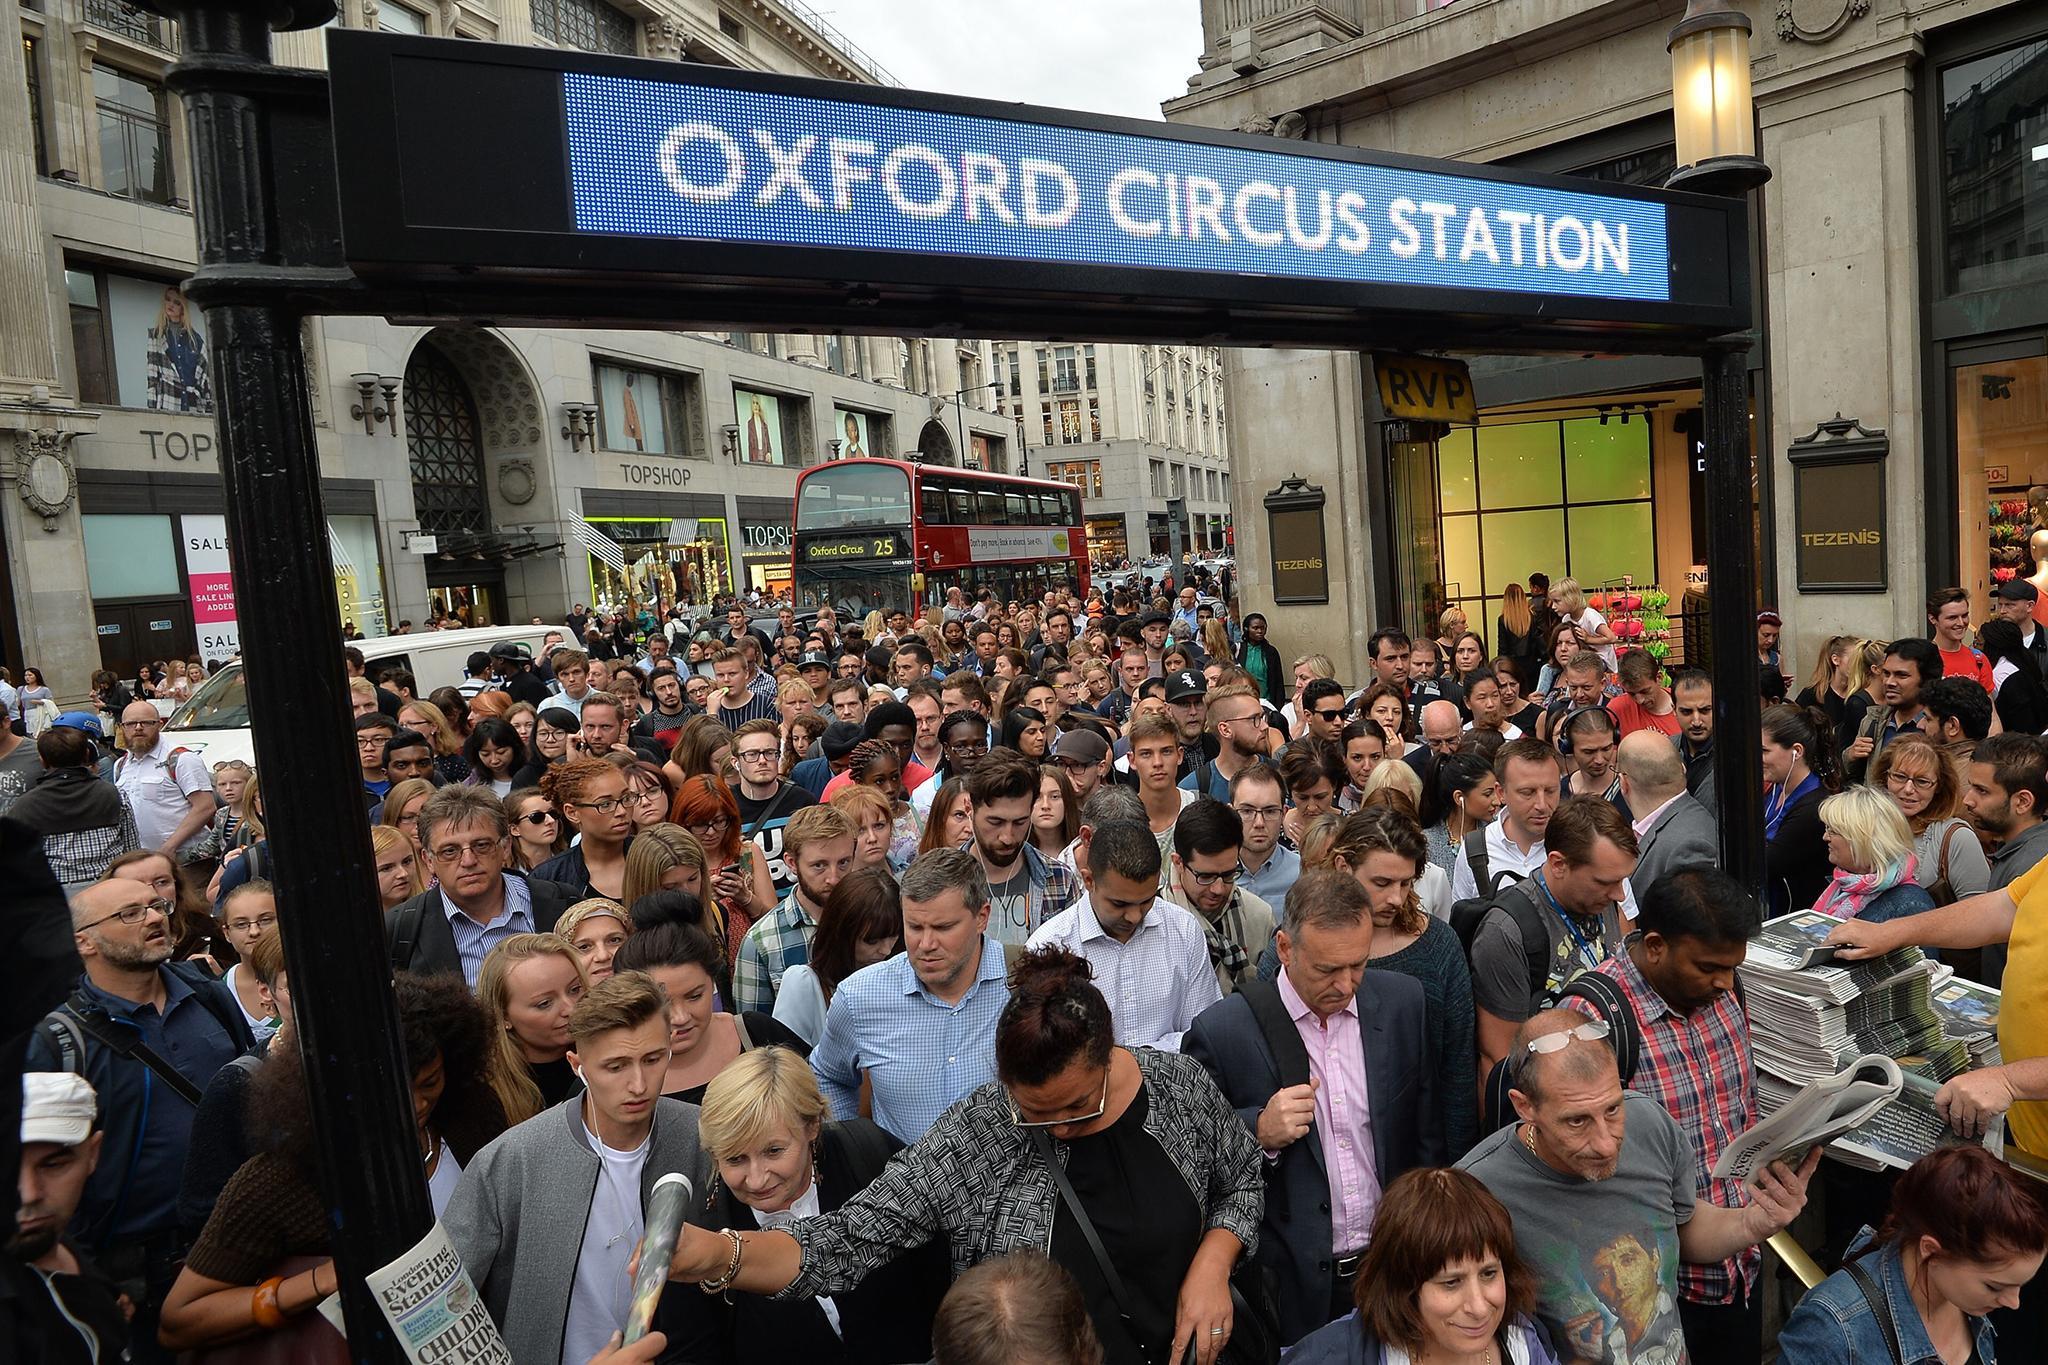 6. Oxford Circus